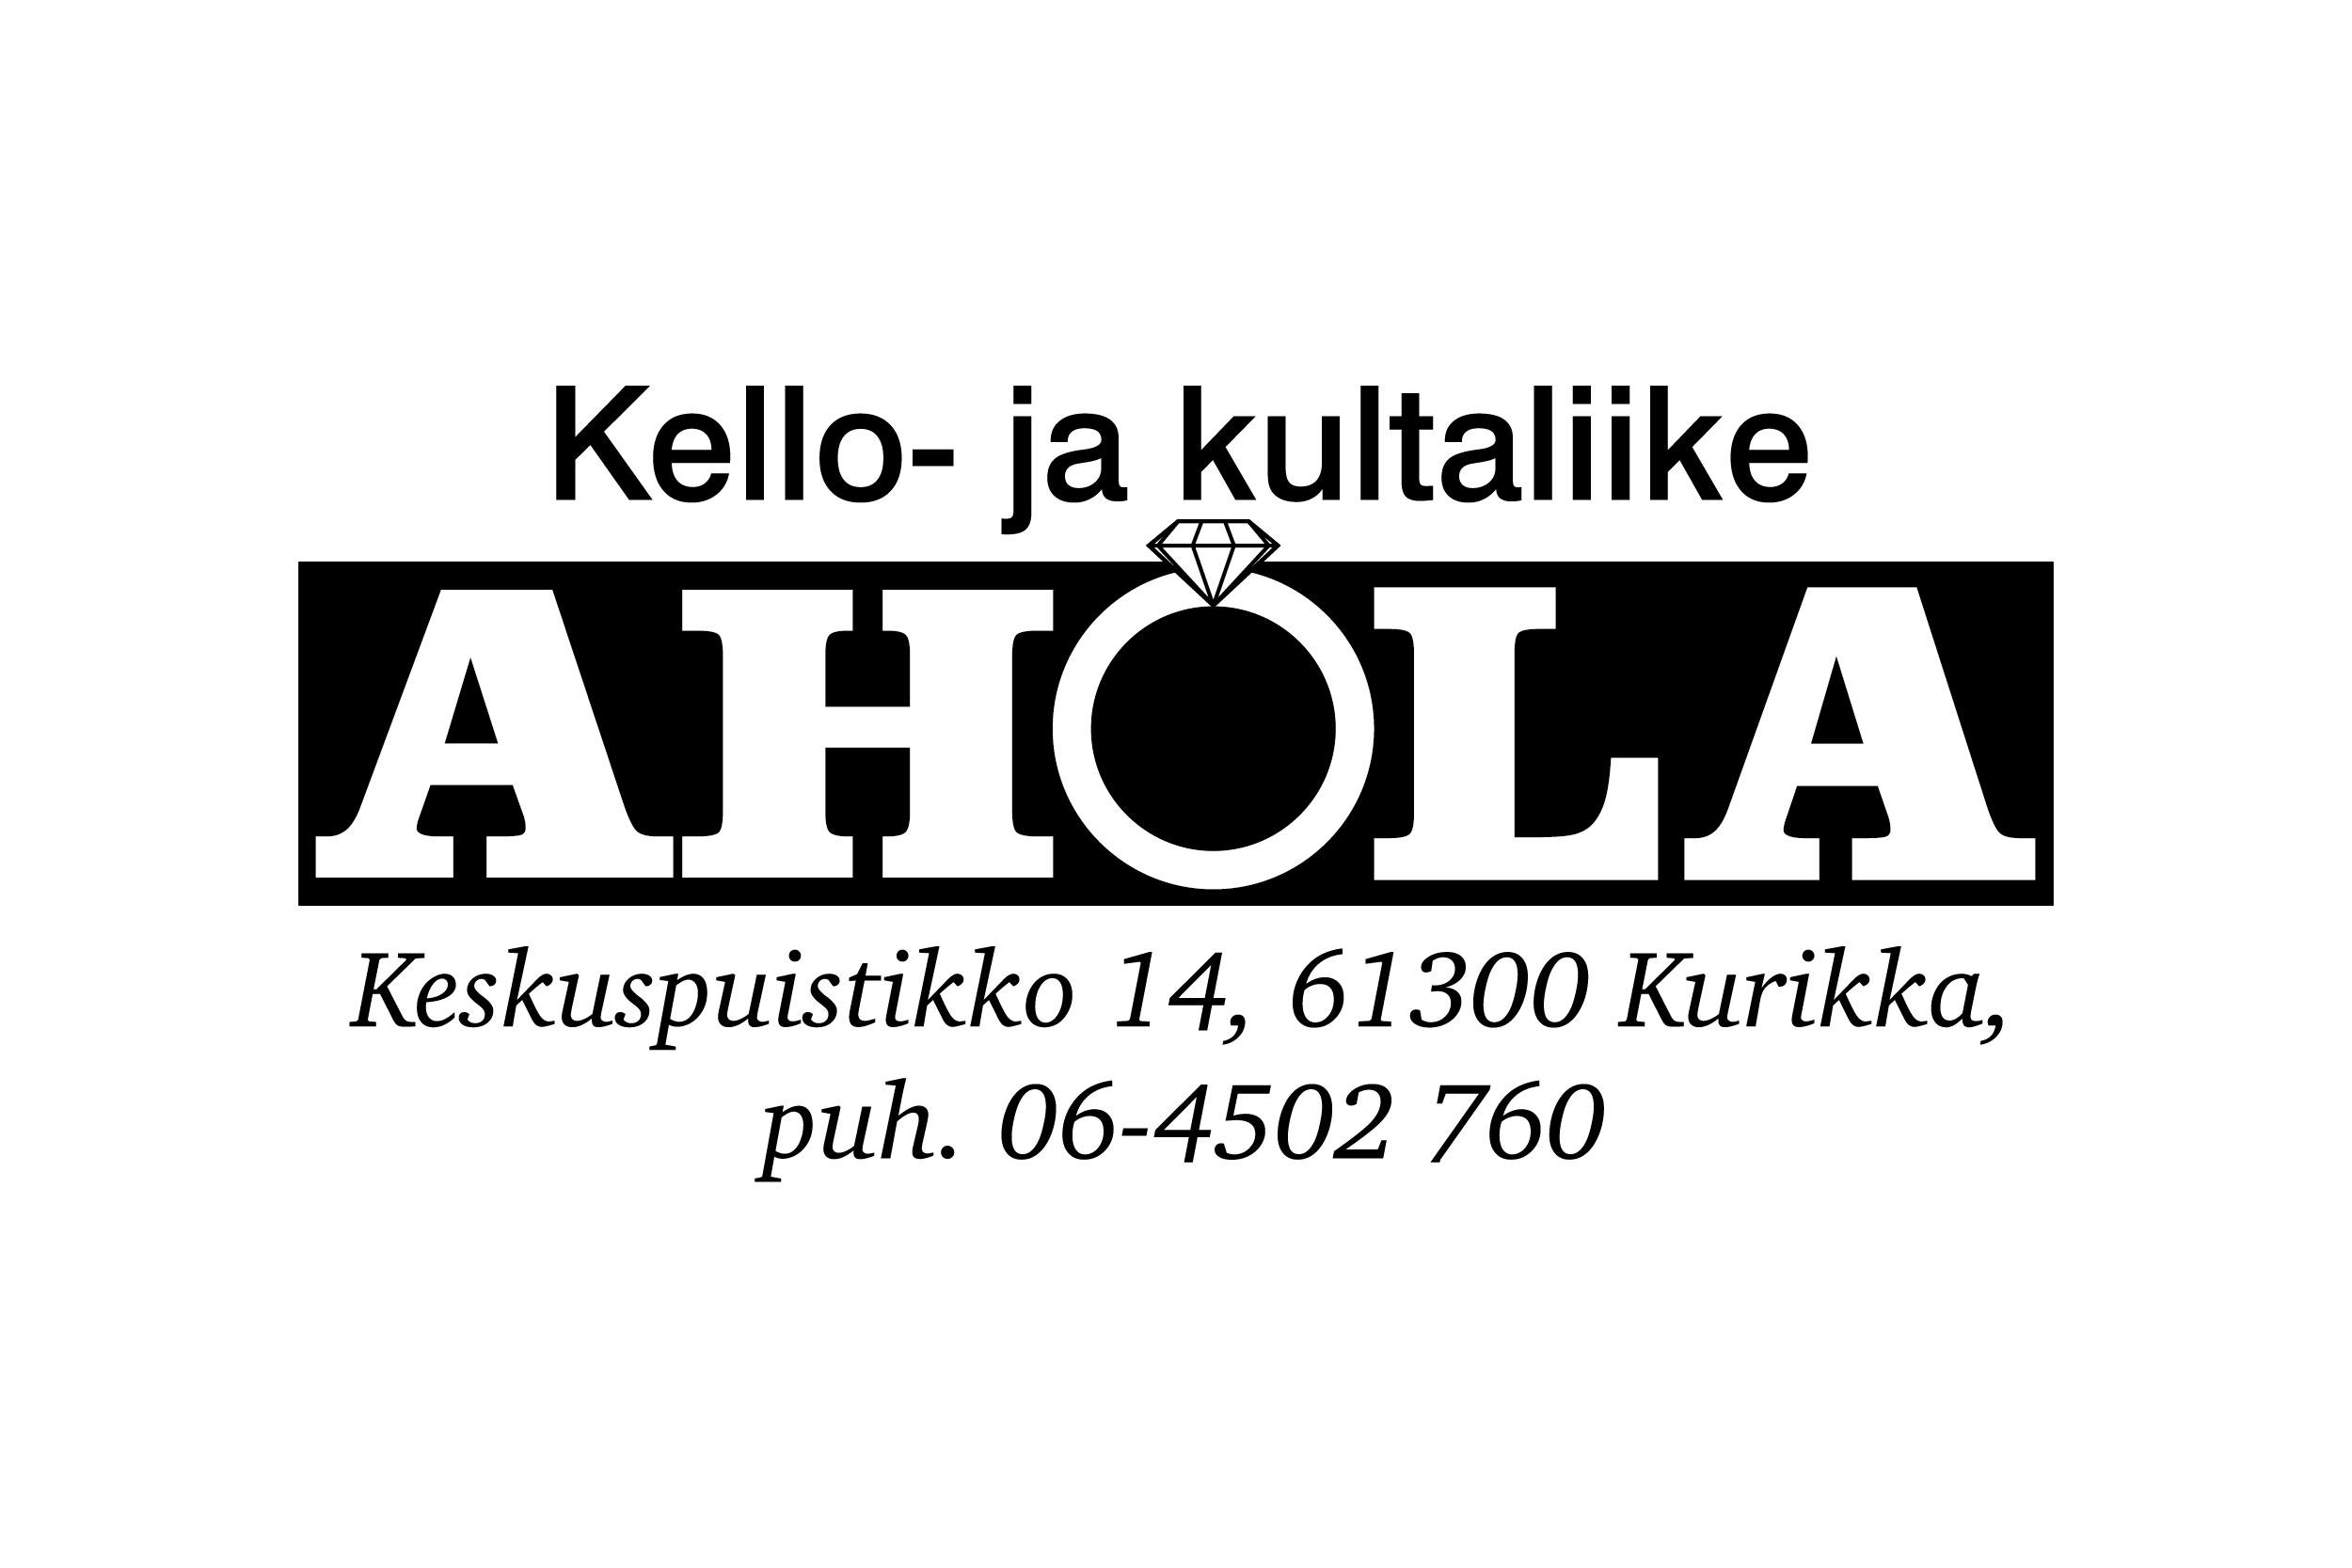 Kello- ja kultaliike Ahola